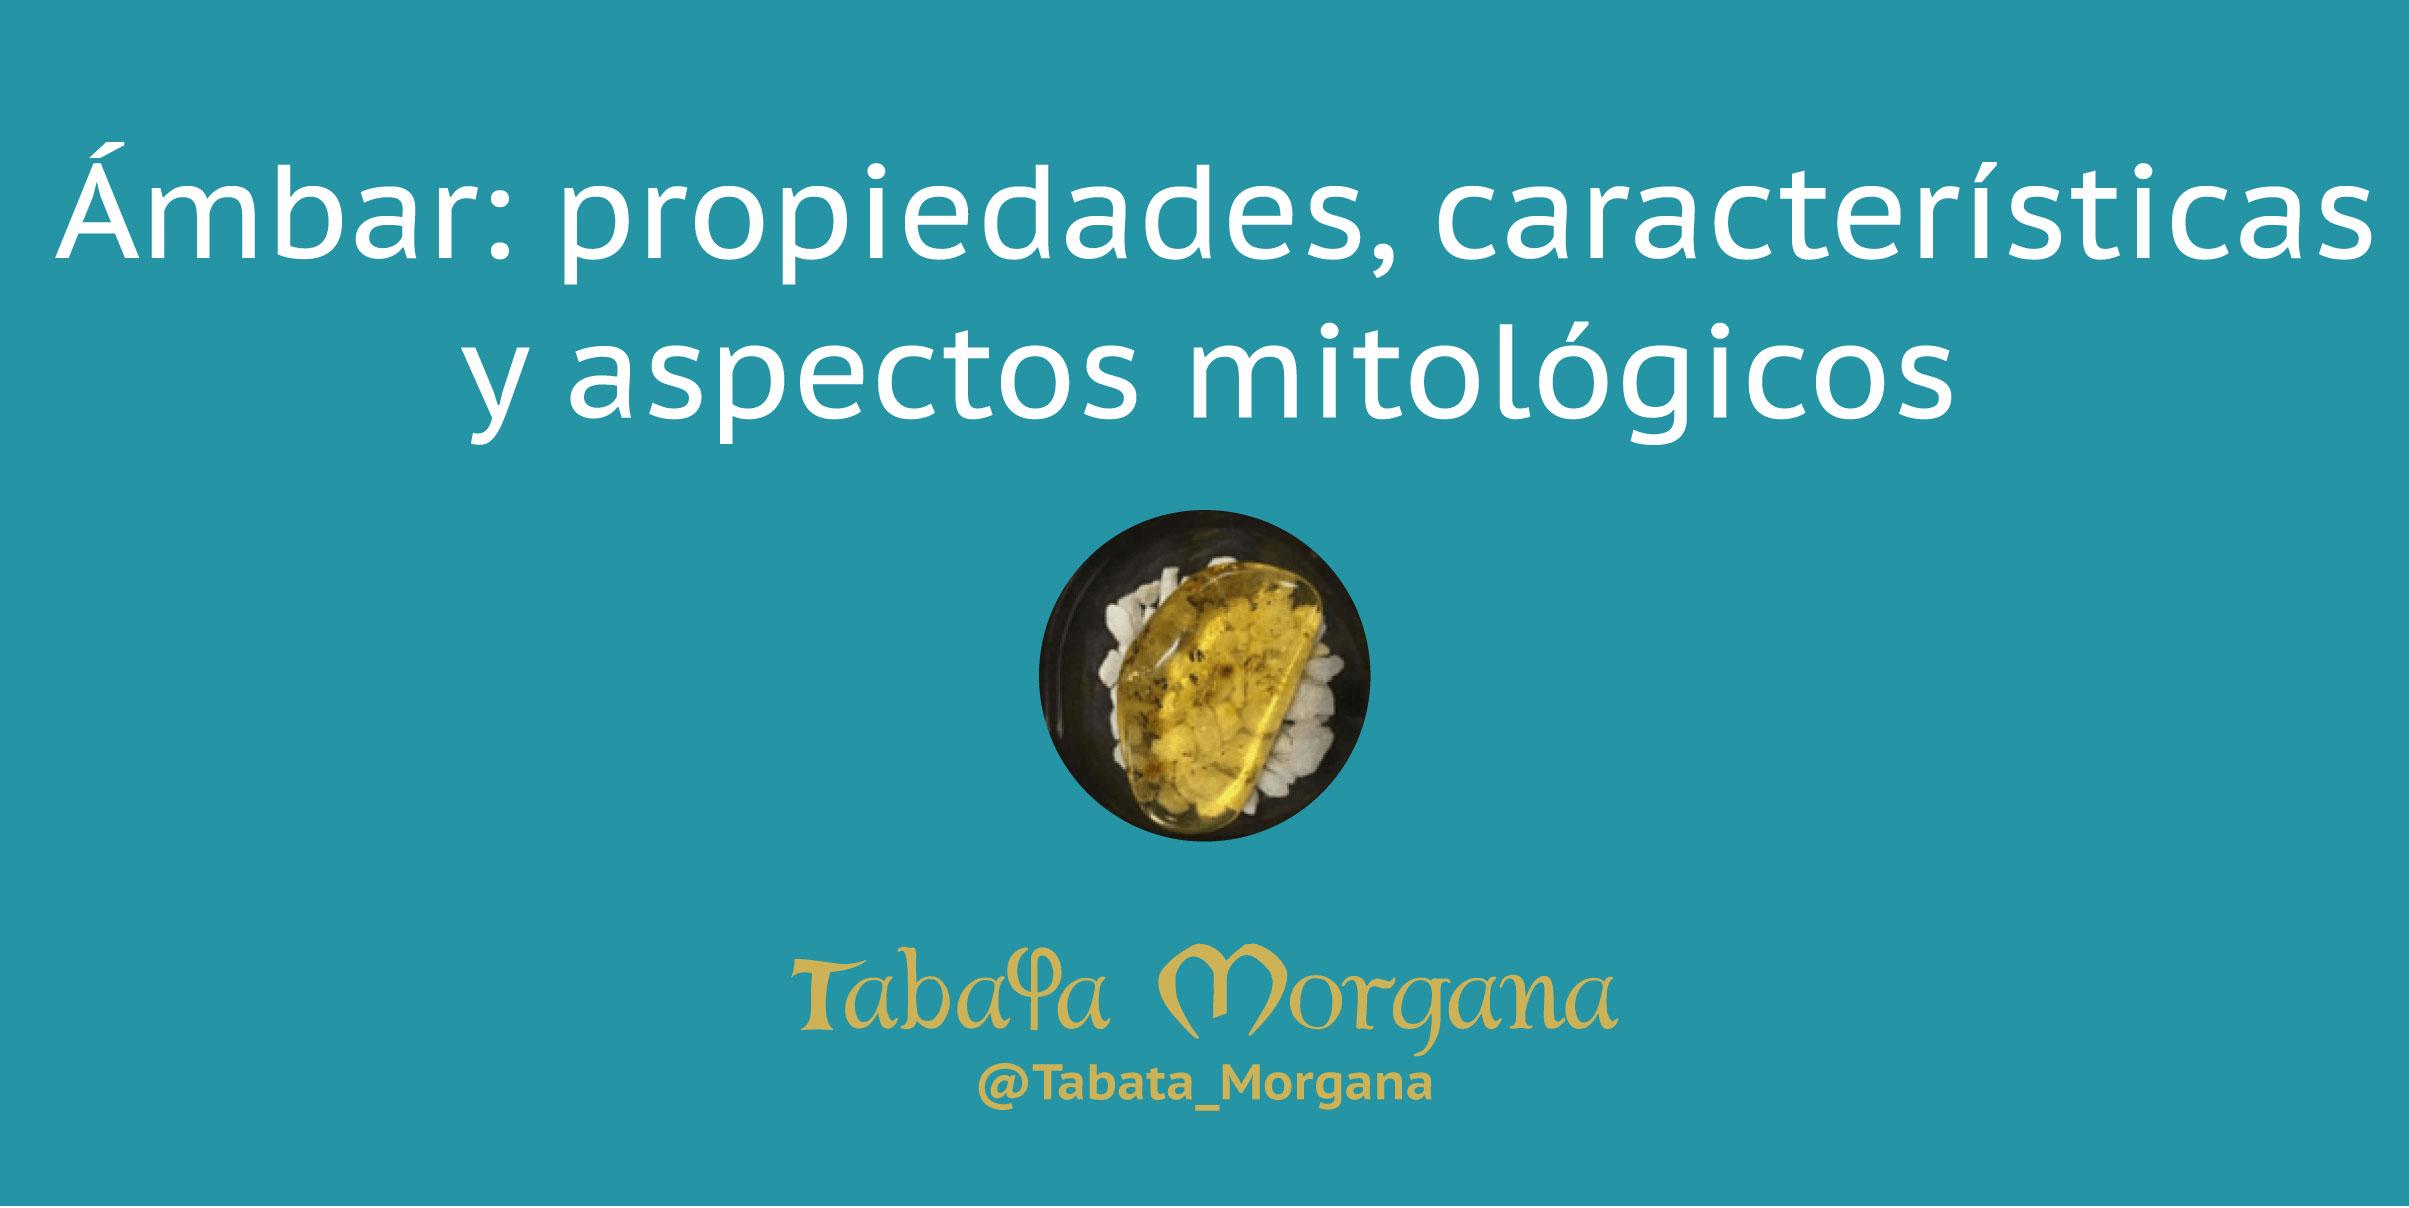 Ámbar: propiedades, características y aspectos mitológicos en el blog de Tabata Morgana